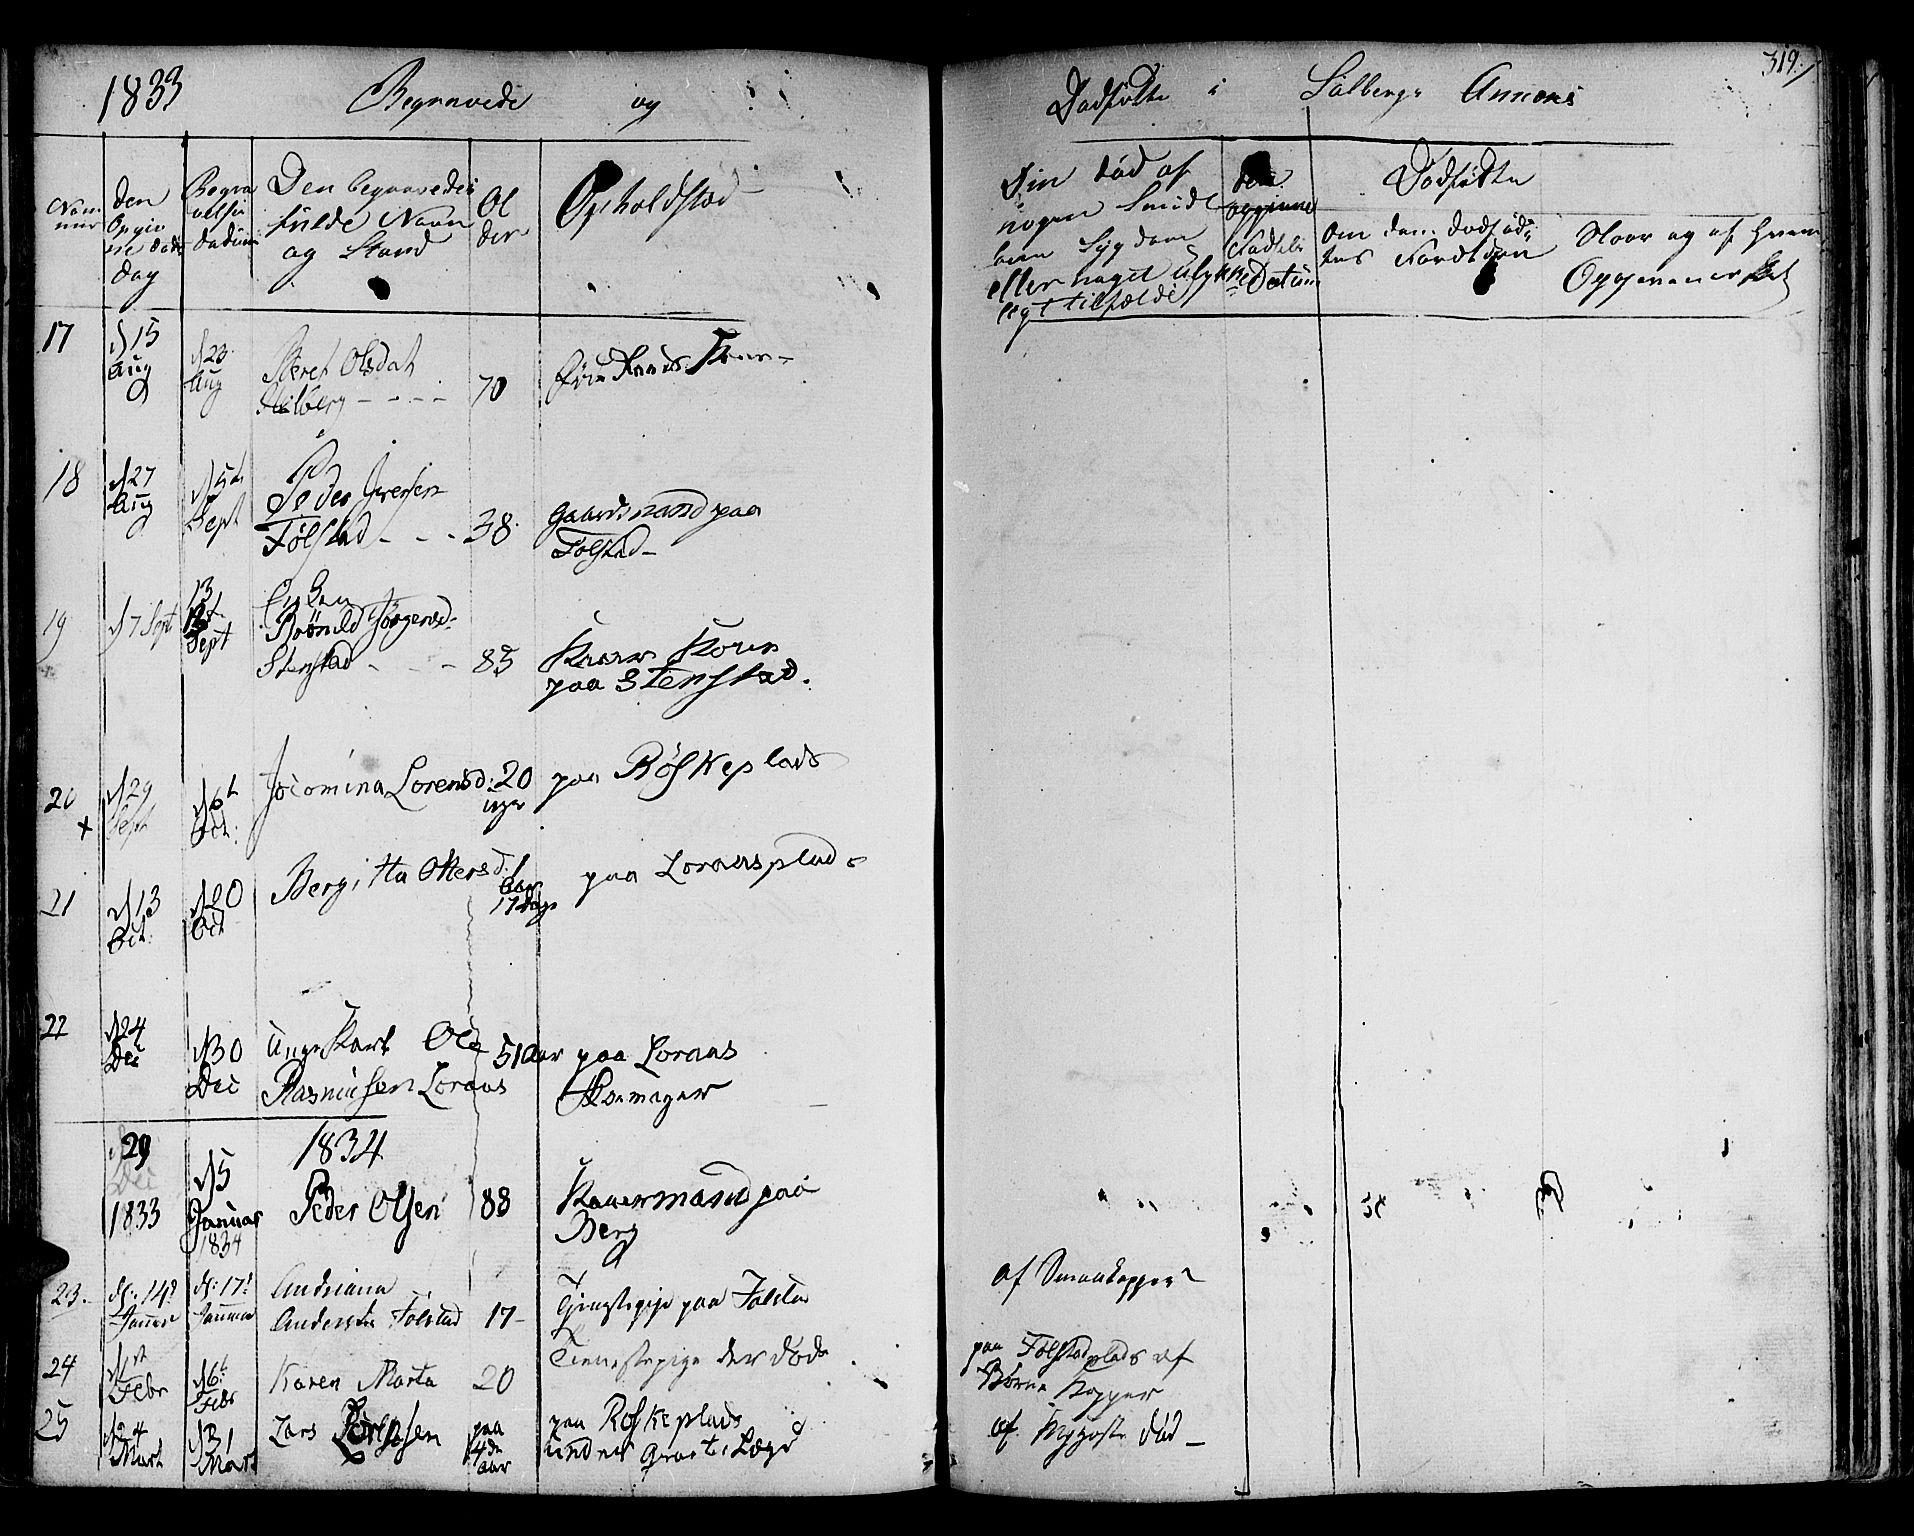 SAT, Ministerialprotokoller, klokkerbøker og fødselsregistre - Nord-Trøndelag, 730/L0277: Ministerialbok nr. 730A06 /2, 1831-1839, s. 319